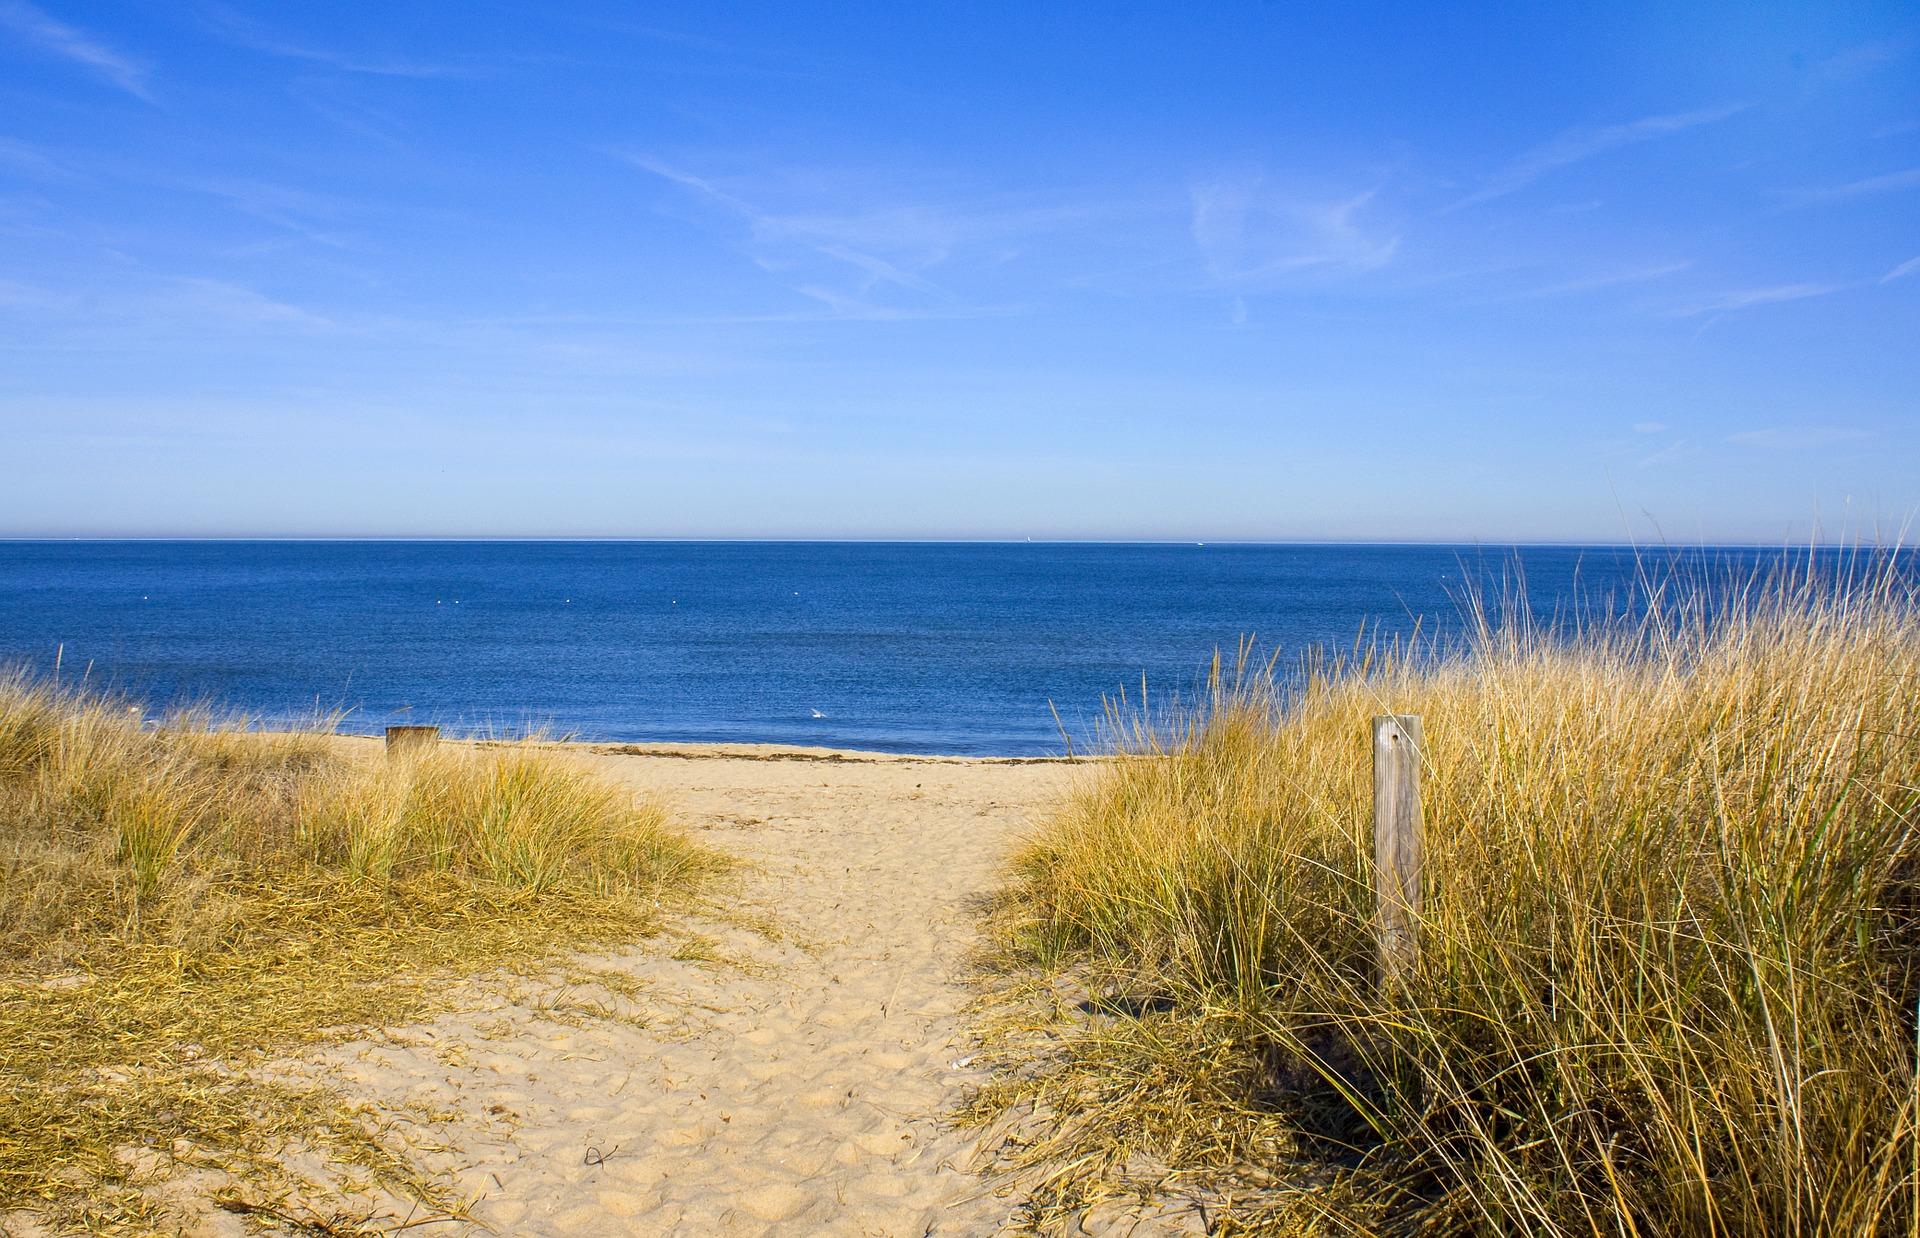 beach-757556_1920